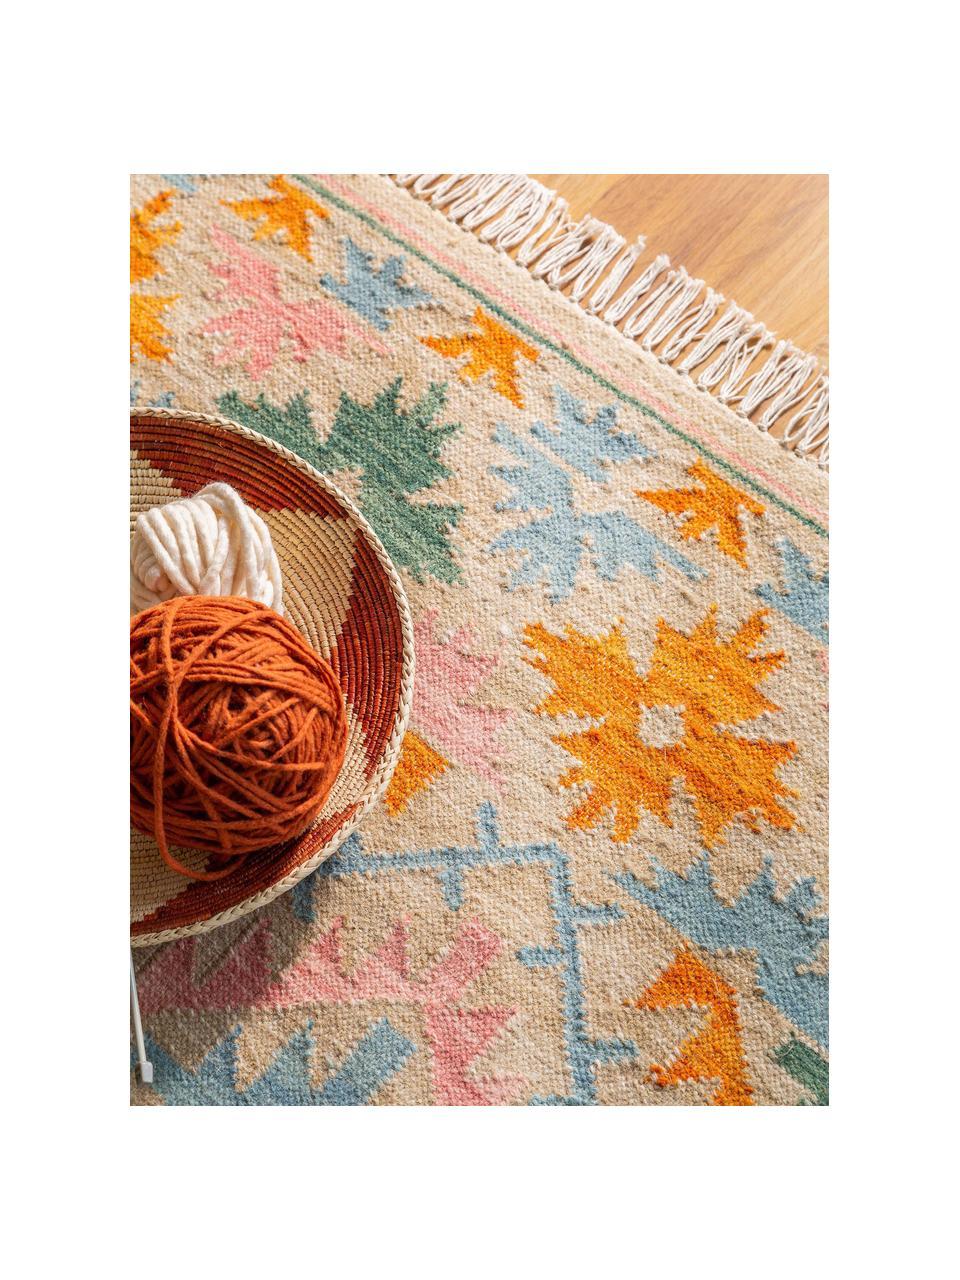 Ręcznie tkany dywan kilim z frędzlami Zohra, 90% wełna, 10% bawełna Włókna dywanów wełnianych mogą nieznacznie rozluźniać się w pierwszych tygodniach użytkowania, co ustępuje po pewnym czasie, Beżowy, wielobarwny, S 120 x D 170 cm (Rozmiar S)